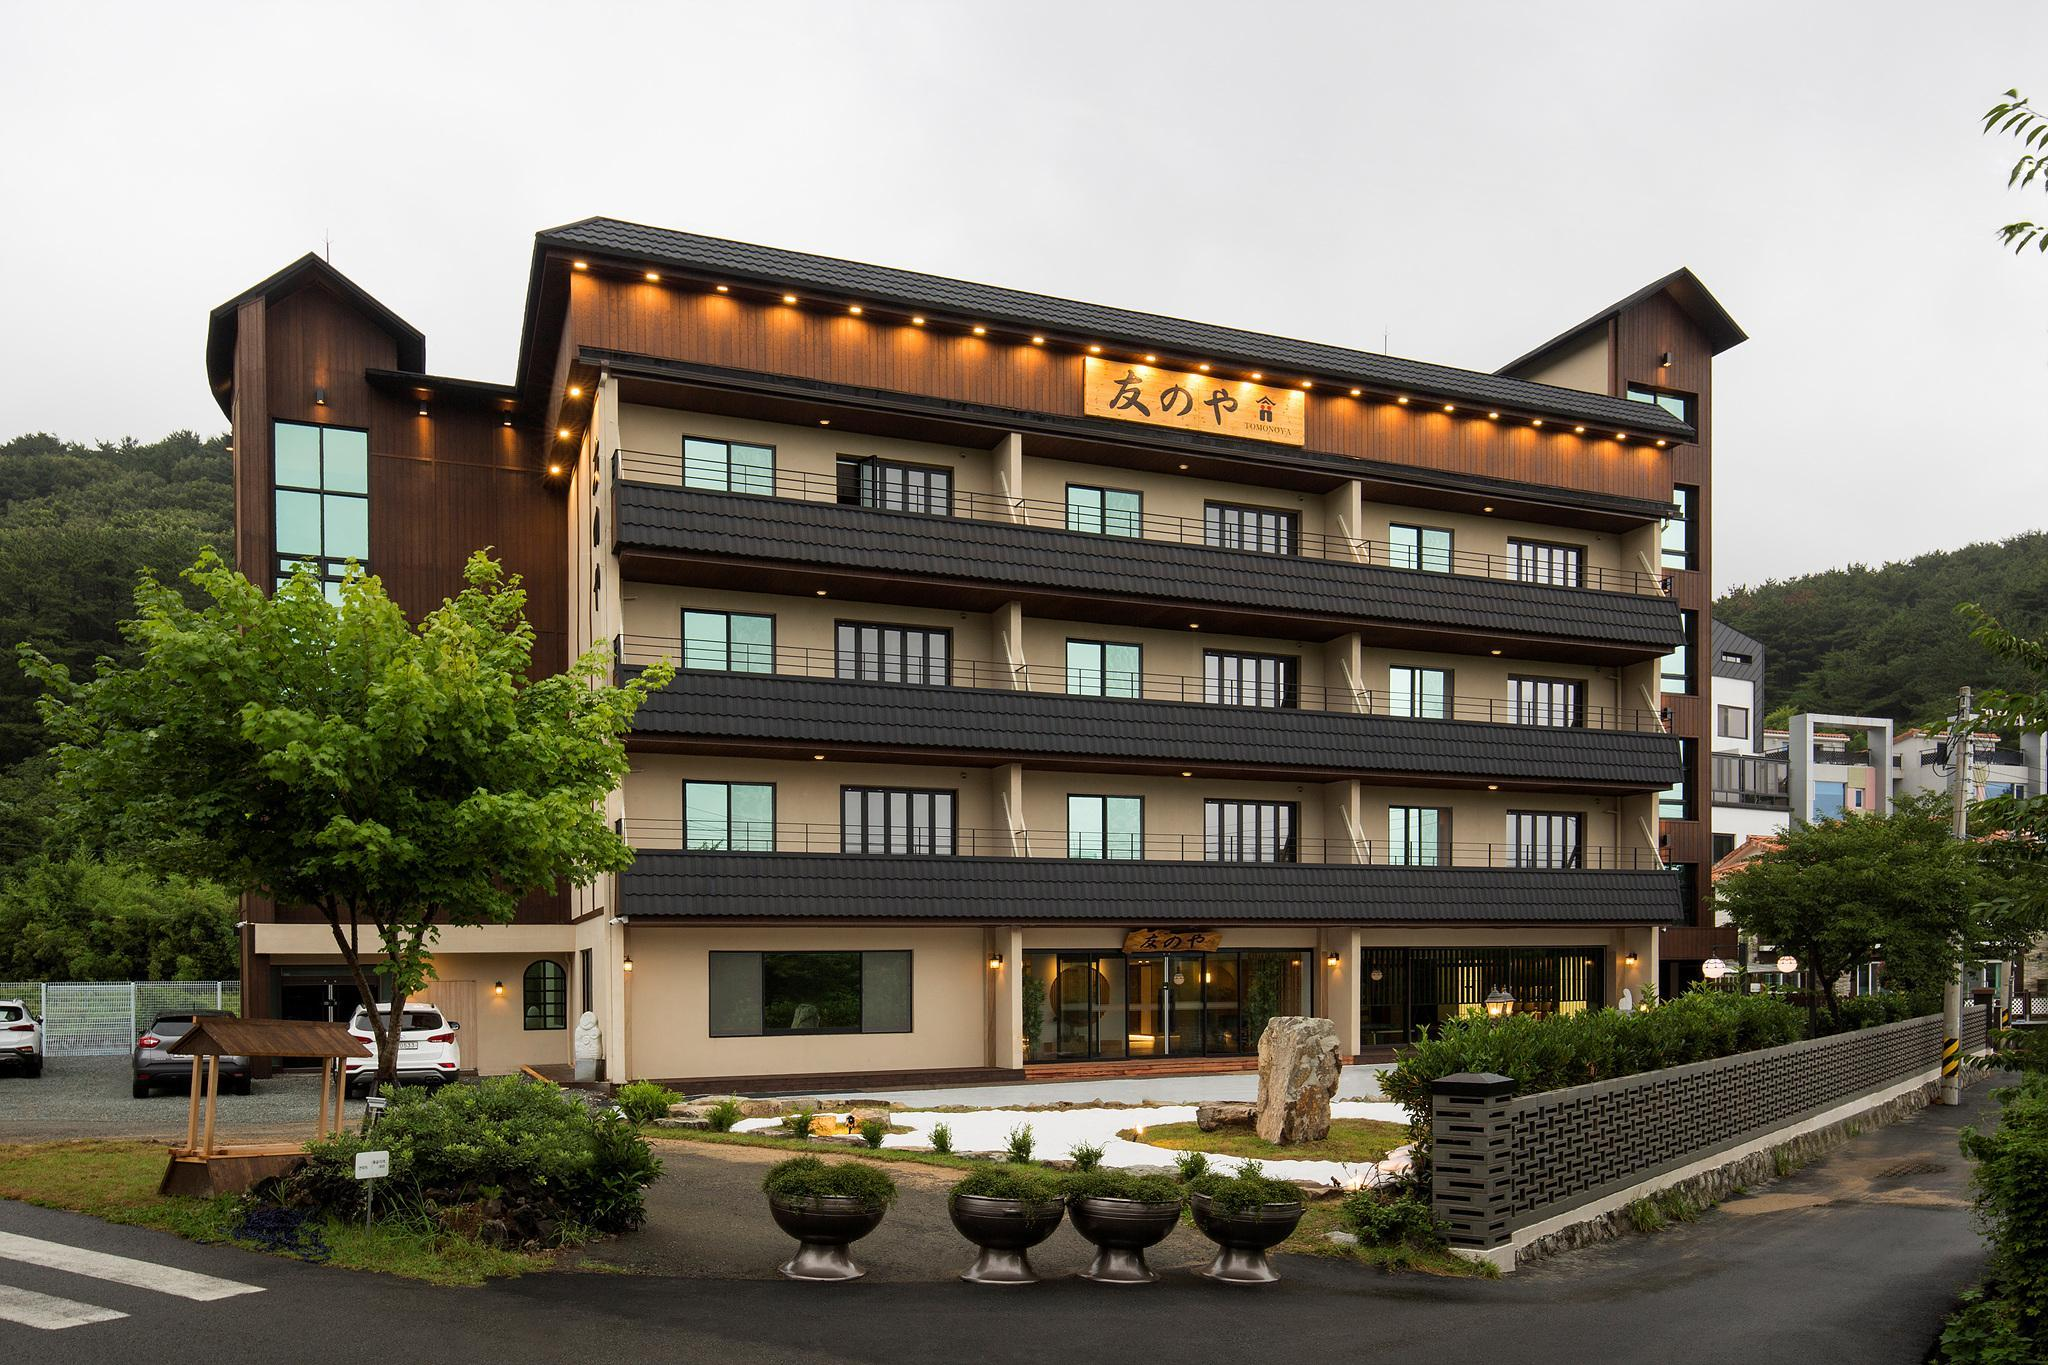 Tomonoya Hotel And Ryokan